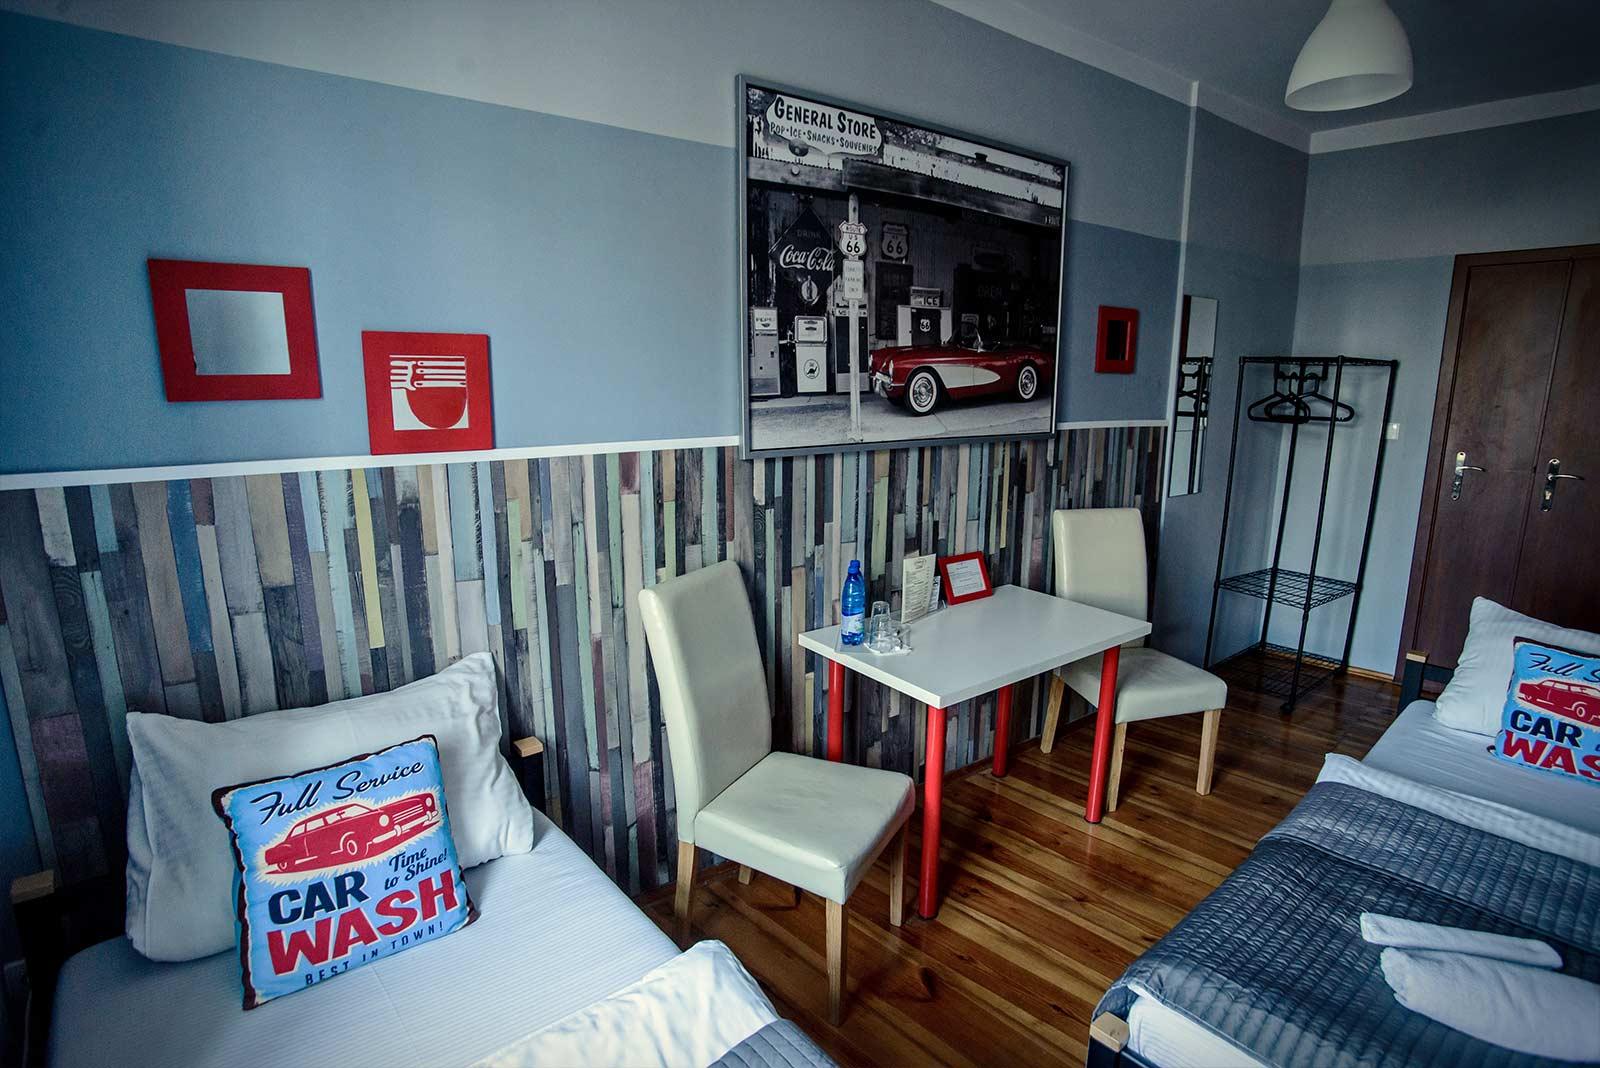 Pokoj typu apartament1